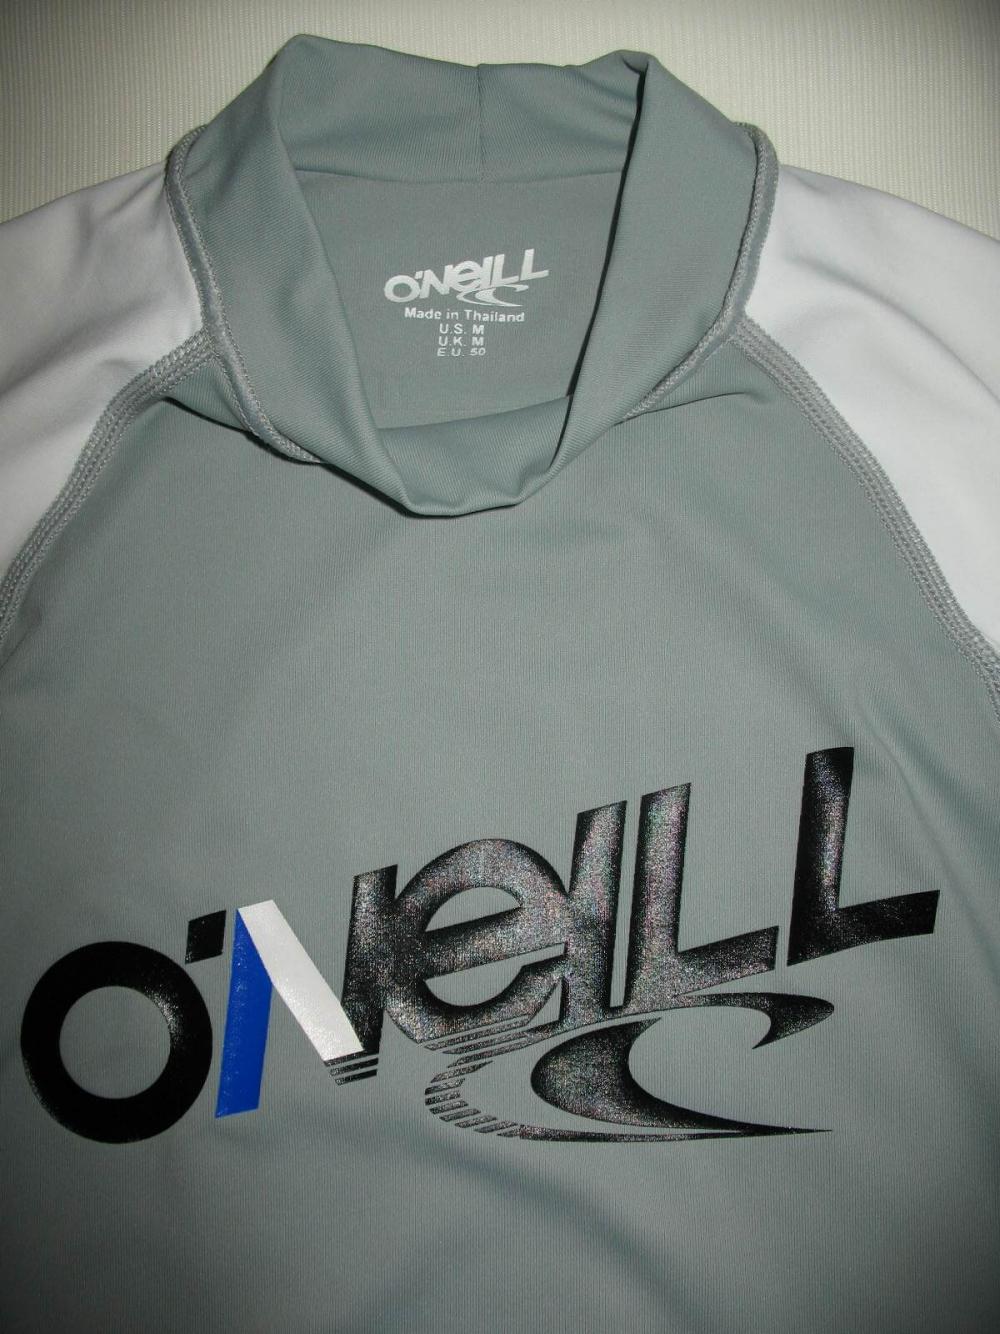 Рашгард O'NEILL Skins longsleeve crew rashguard (размер 50/M) - 2